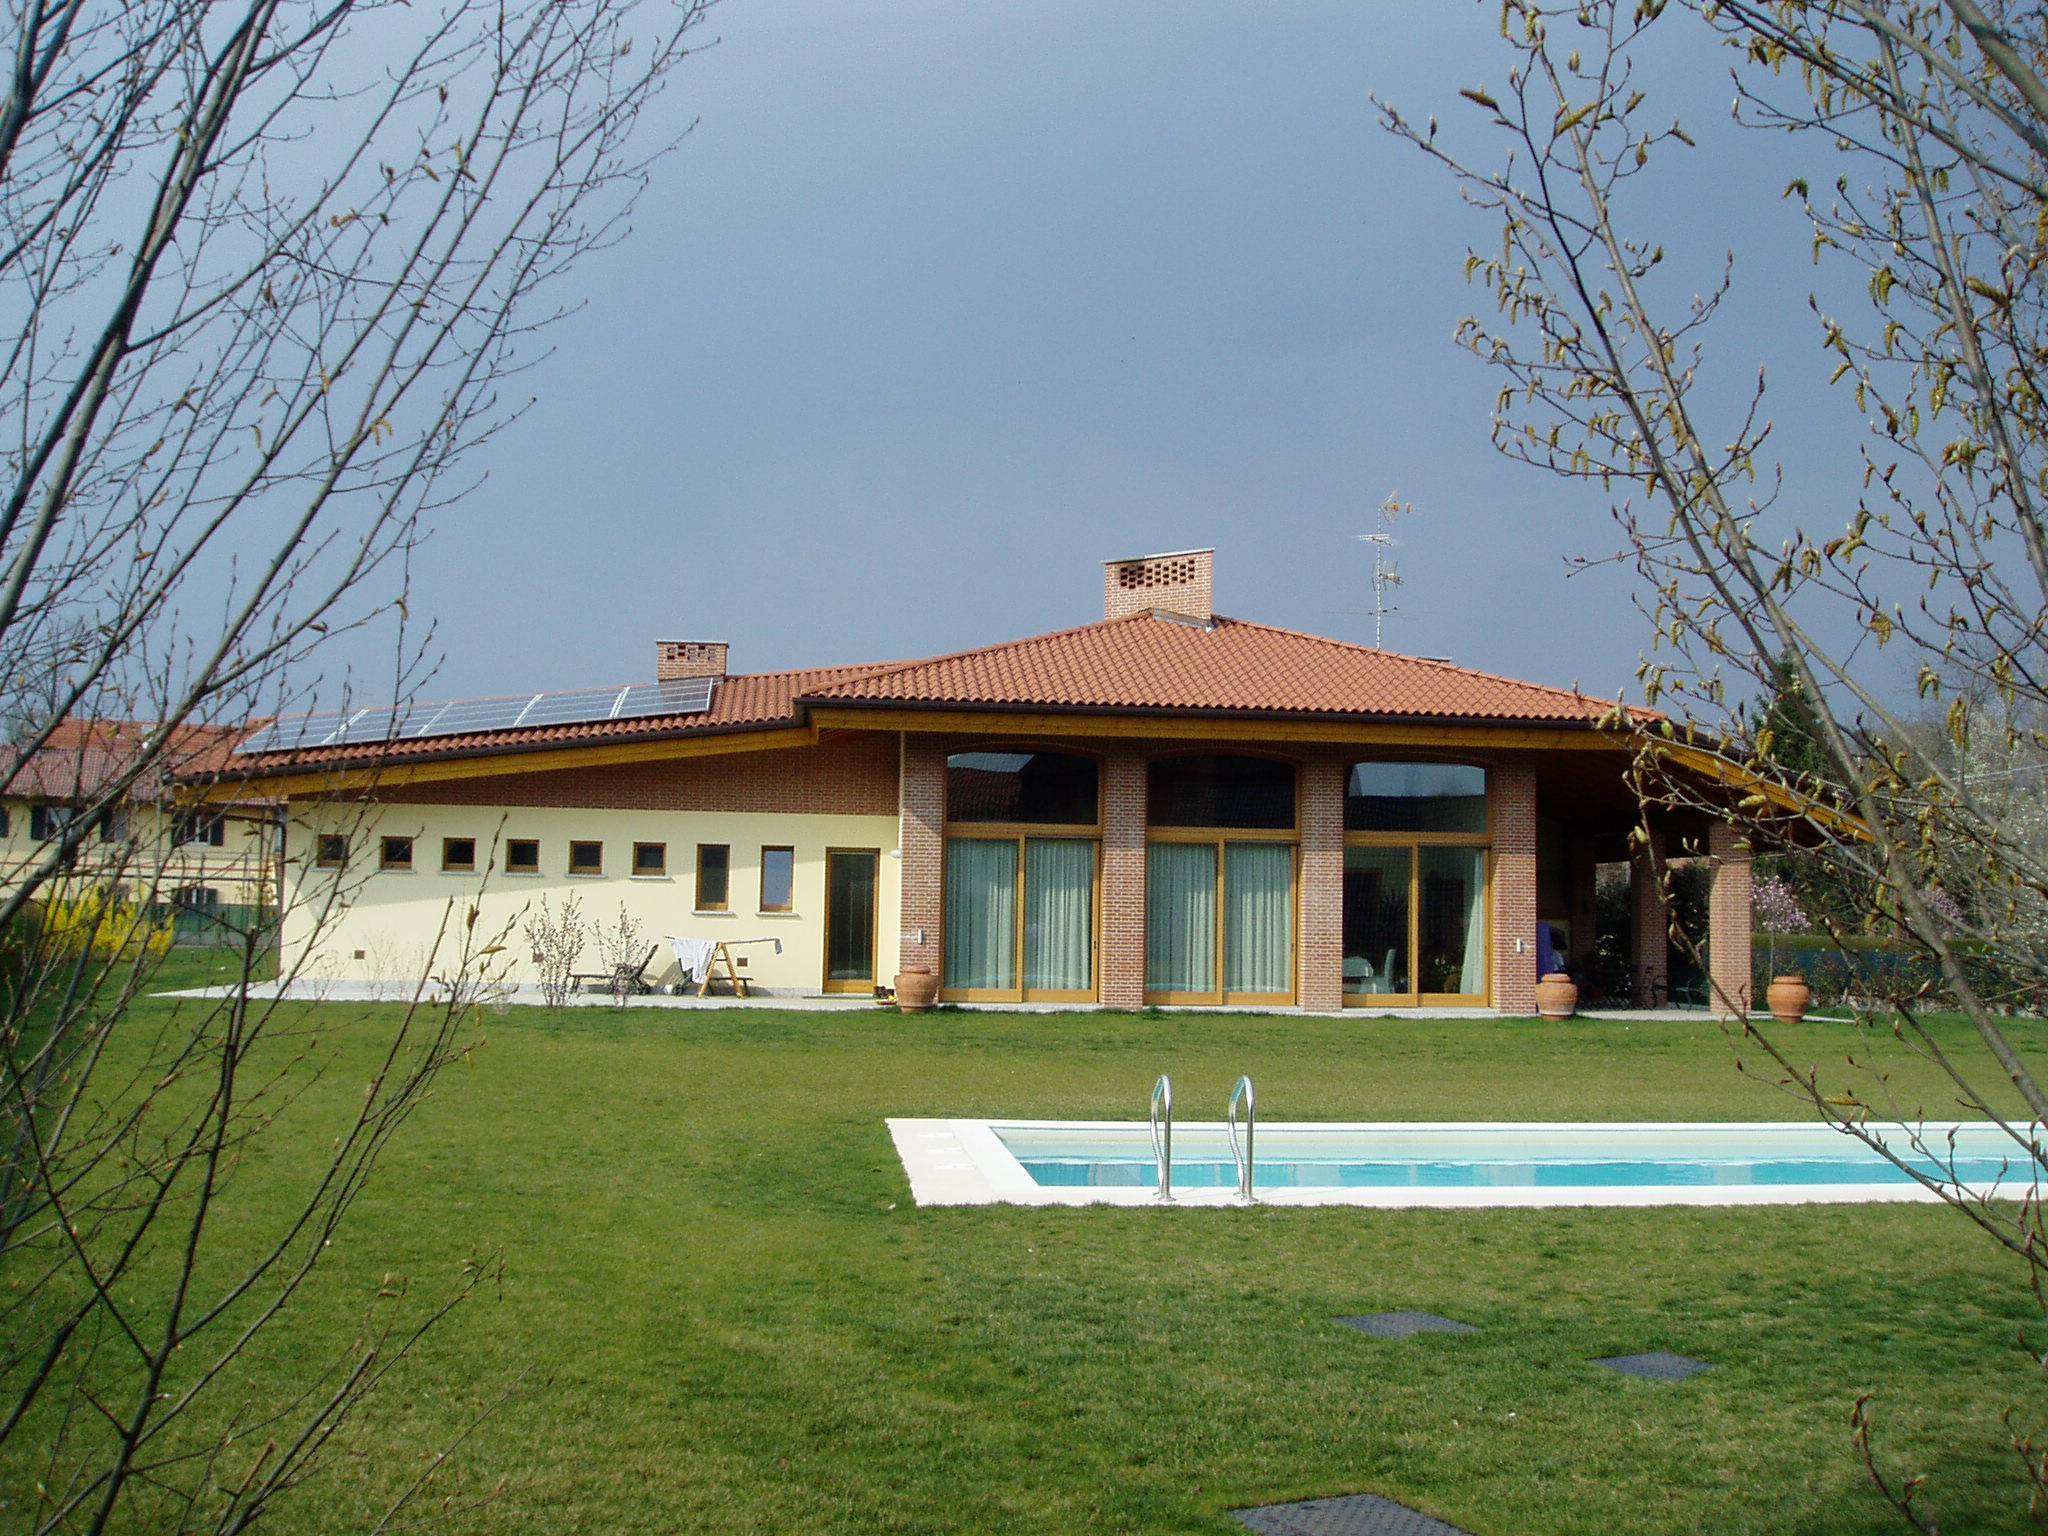 Progetto costruzione casa di abitazione unifamiliare progetti costruzione case - Progetto costruzione casa ...